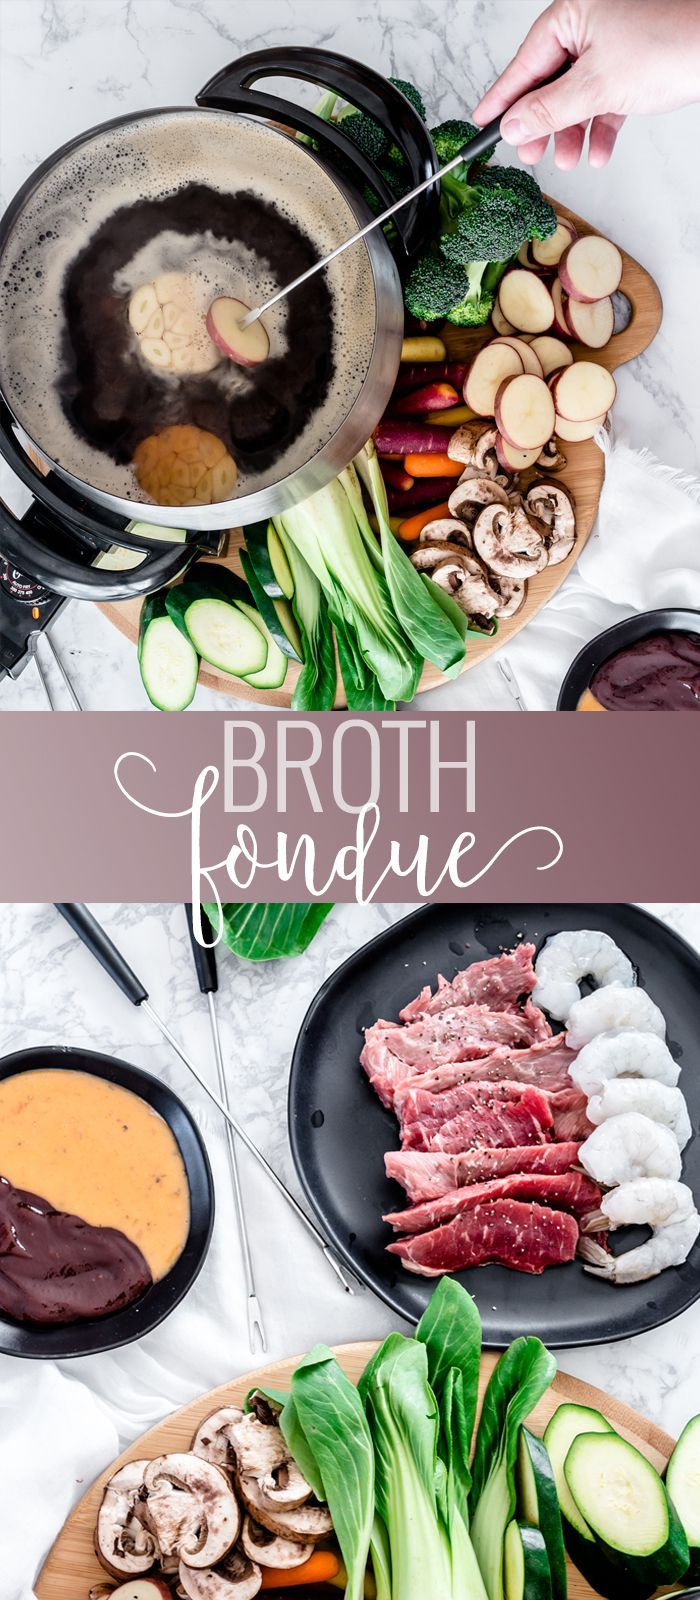 Broth Fondue | fondue bourguignonne | easy fondue recipes | broth fondue dippers | homemade fondue recipe | copycat melting pot fondue || Oh So Delicioso #brothfondue #fonduerecipe #fonduedippers